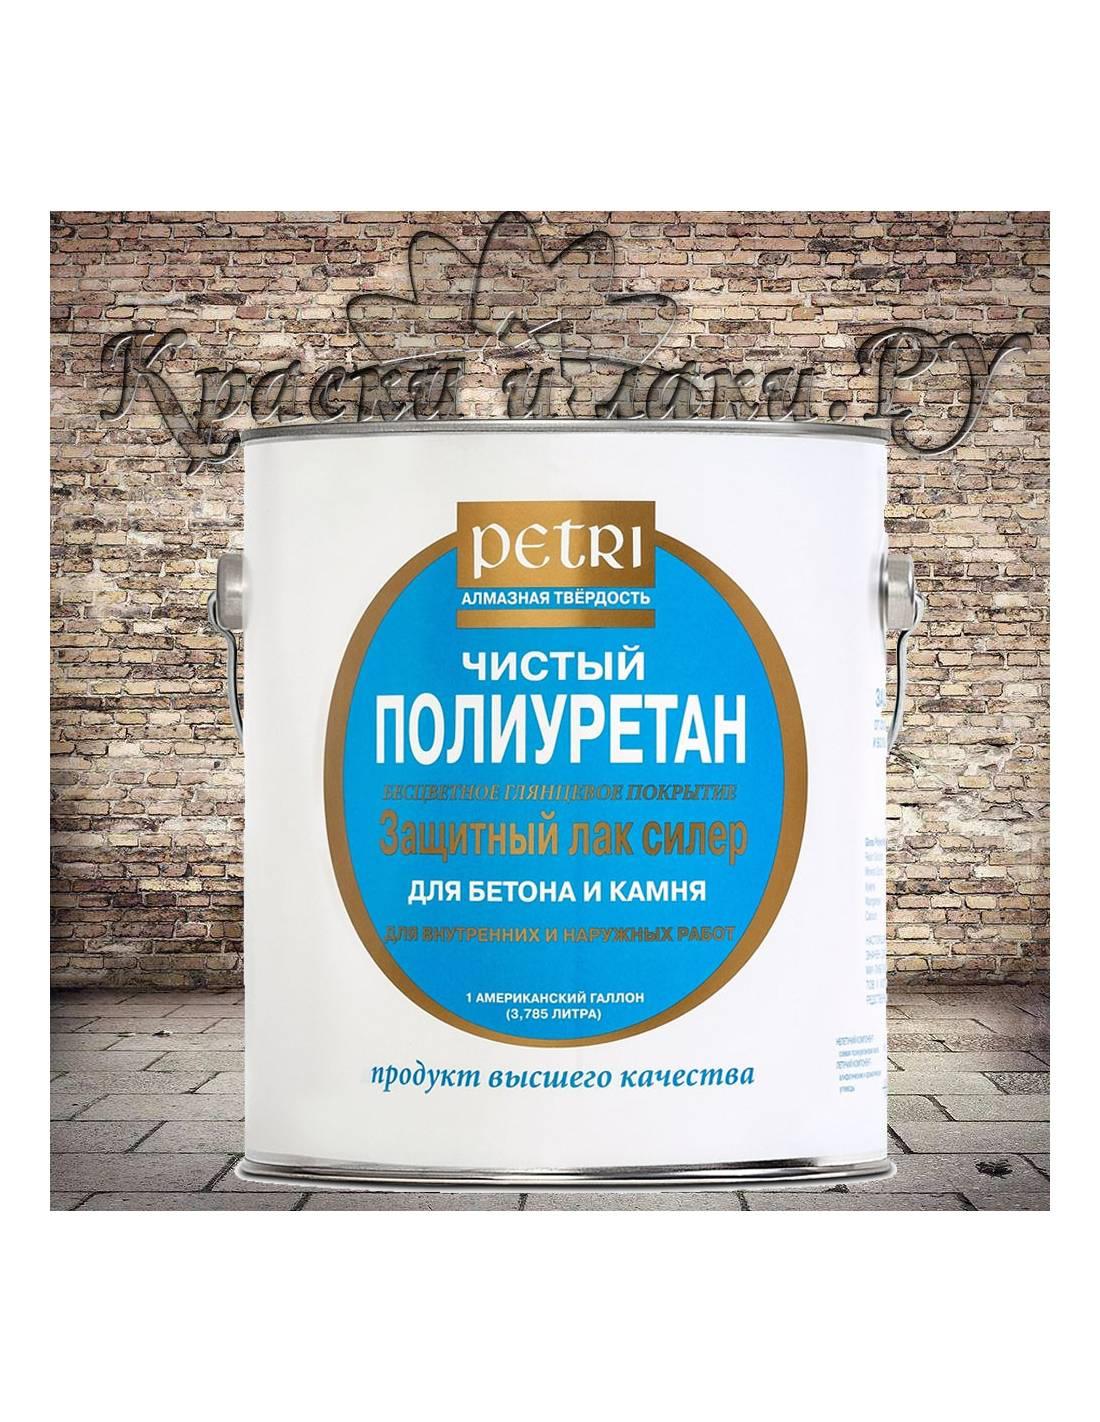 Купить лак petri для бетона бетон гост купить в екатеринбурге